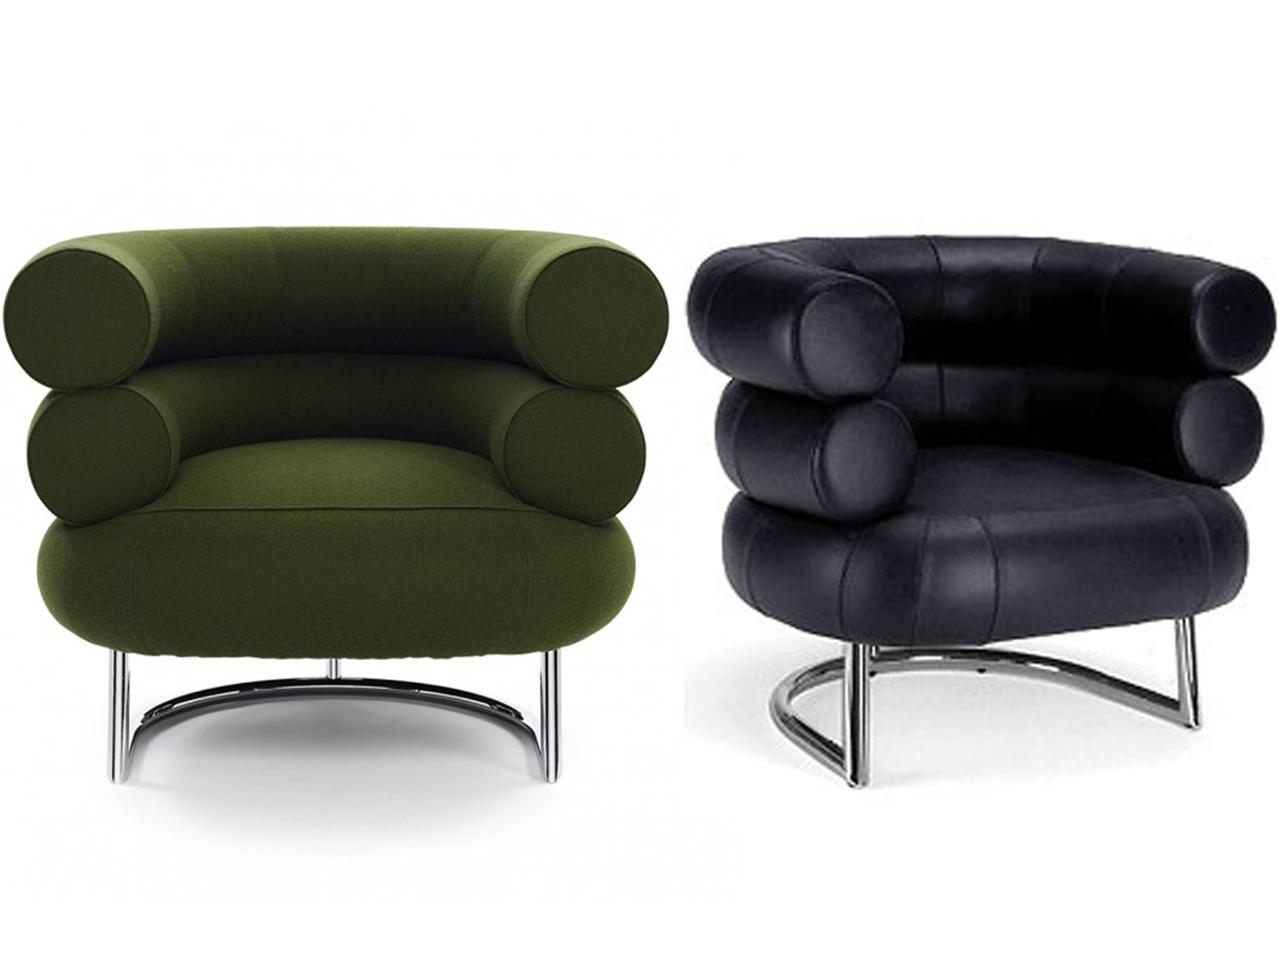 mart stam chair where to buy covers in dubai los 23 diseños de la bauhaus más emblemáticos